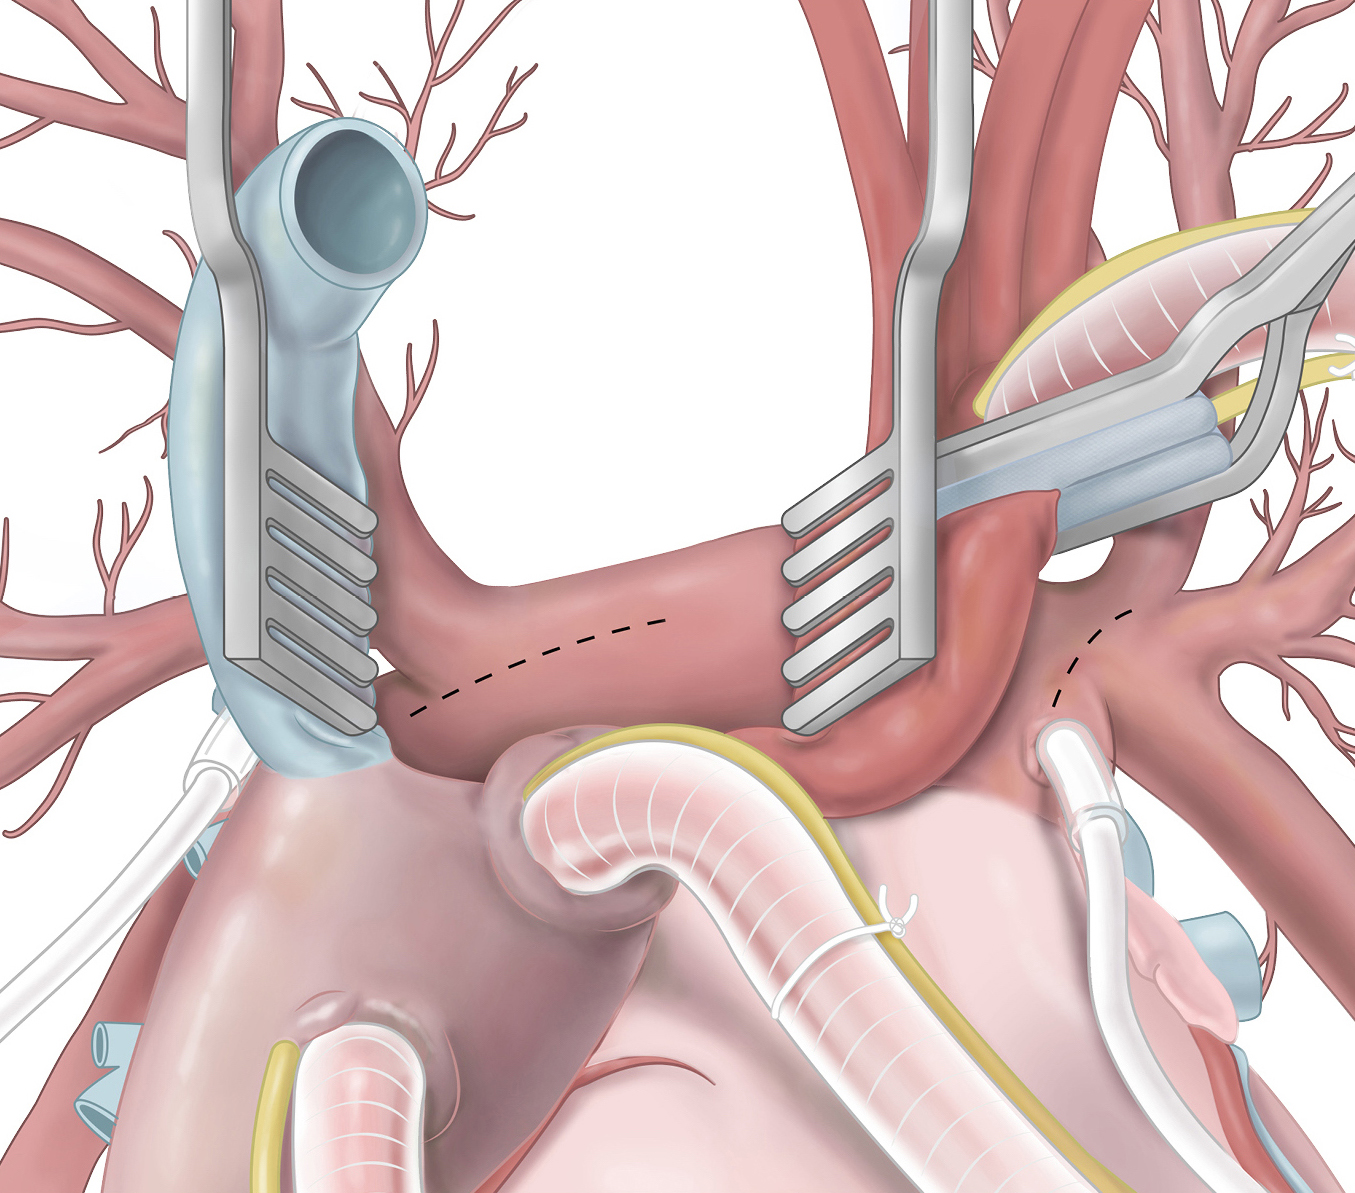 Die Vena Cava und die Aorta werden gespreizt um die rechte Pulmonalarterie freigzulegen. Diese wird anschließend inzisiert.